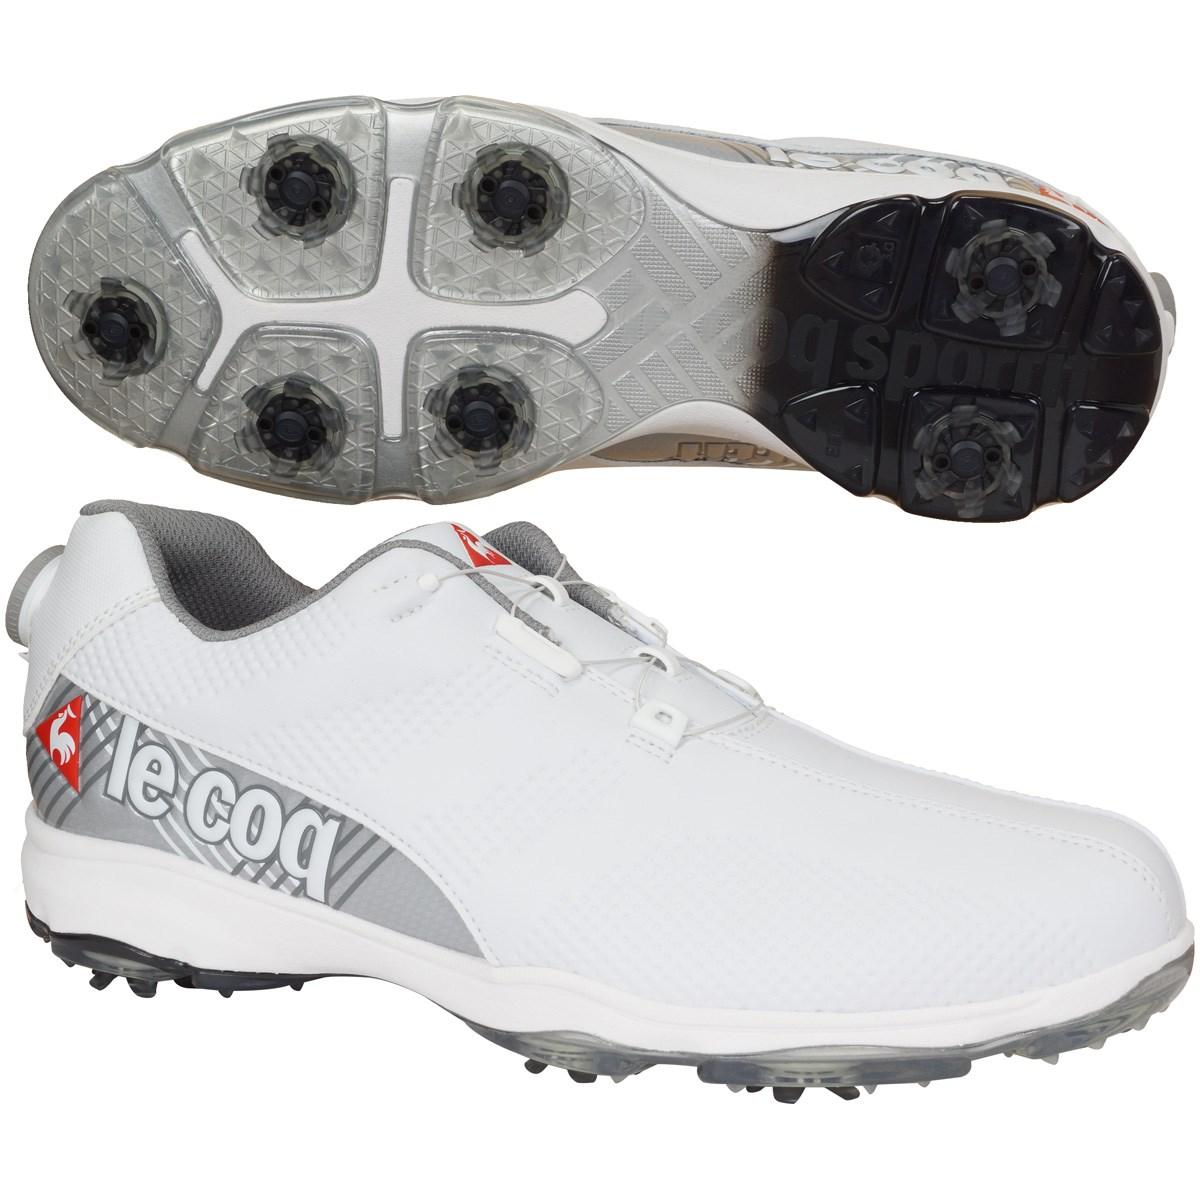 ルコックゴルフ Le coq sportif GOLF ゴルフシューズ 24.5cm ホワイト WH00